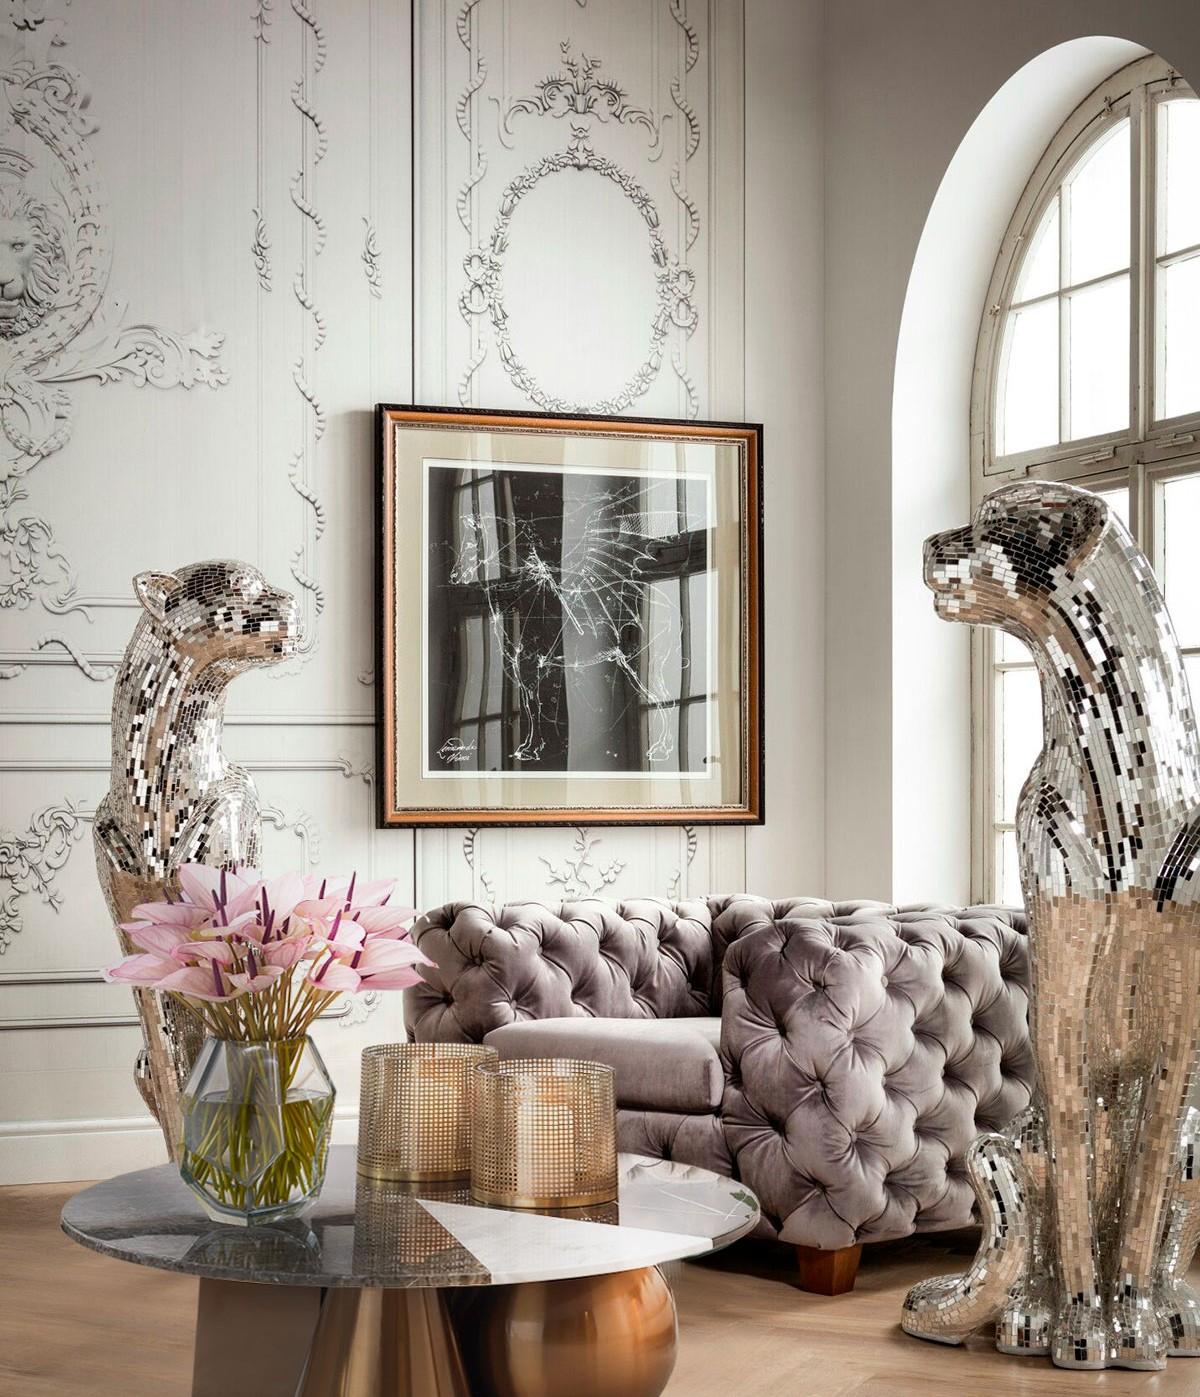 Роскошная гостиная с гламурным декором